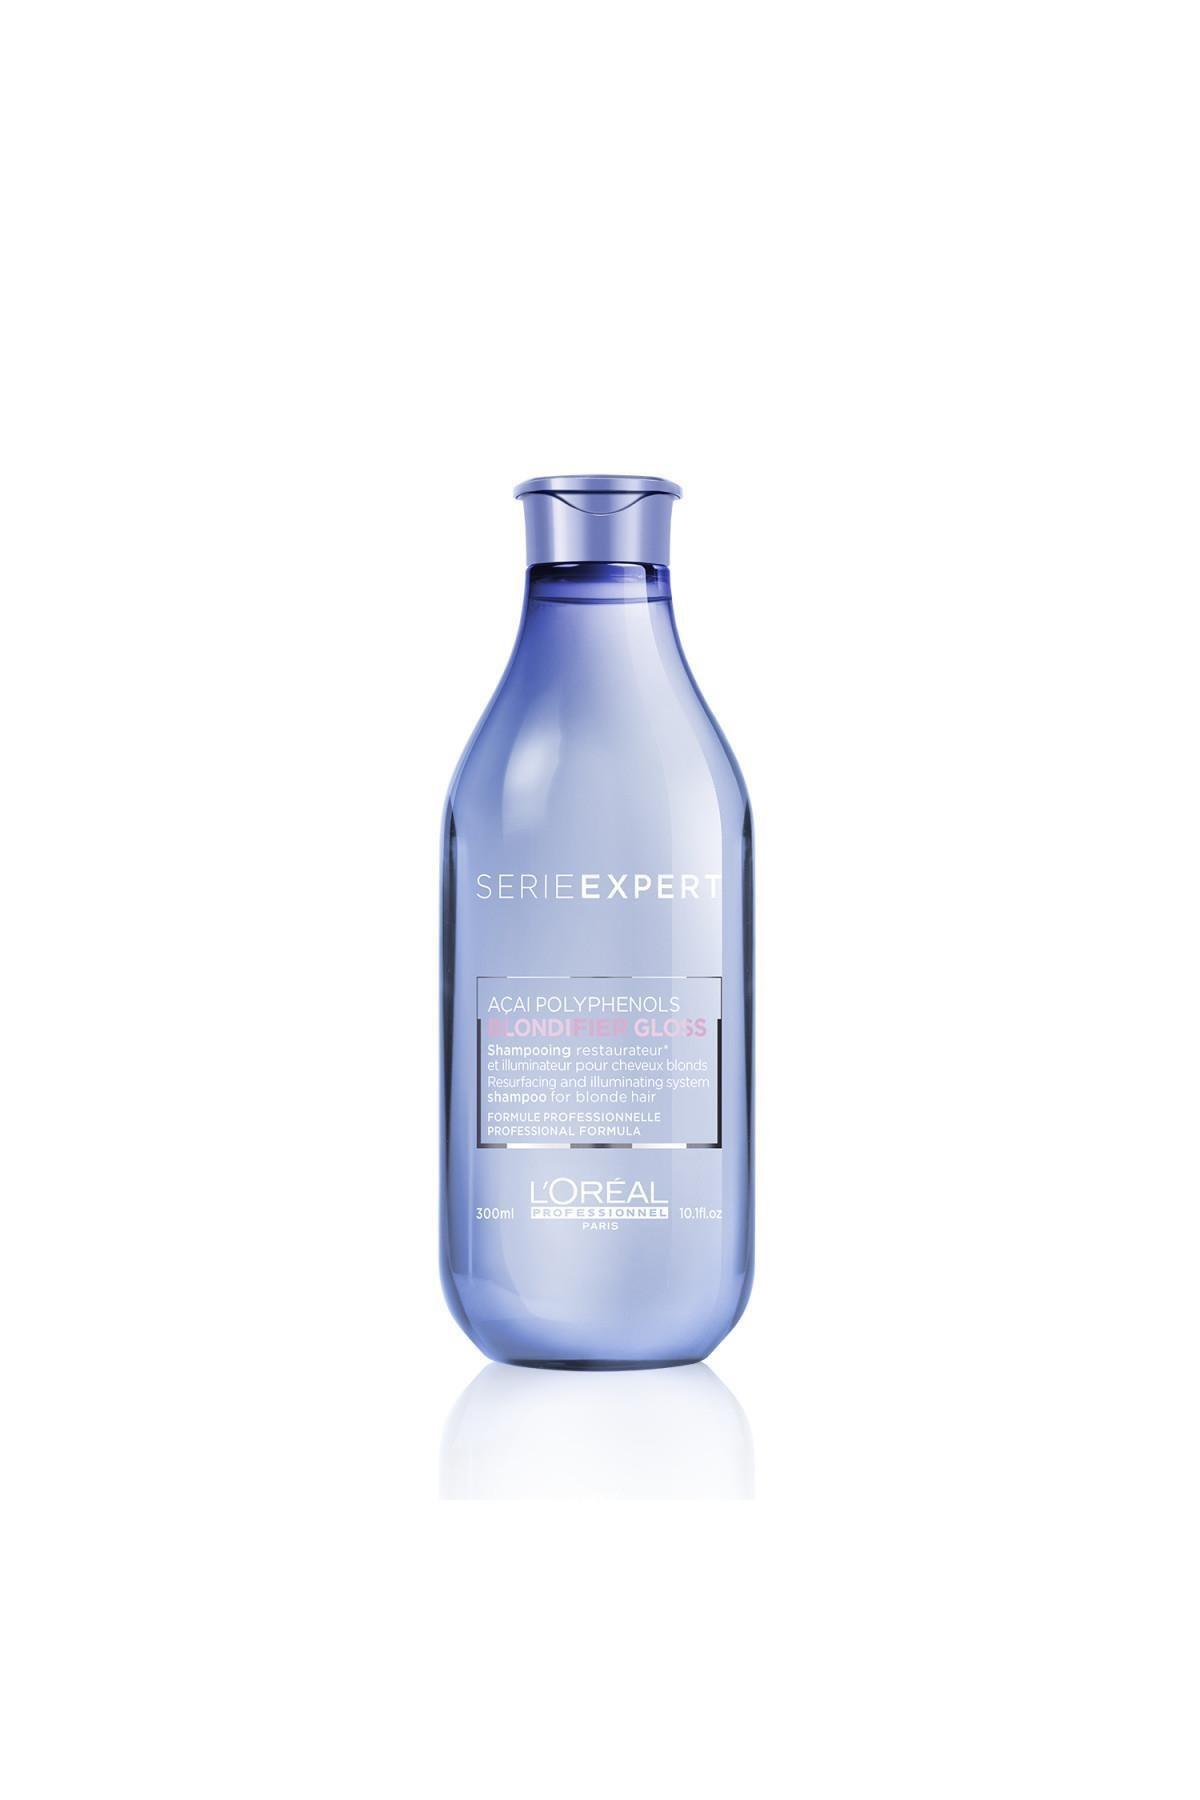 L'oreal Professionnel Serie Expert Blondifier Sarı Saçlara Özel Parlaklık Şampuanı 300 ml 0